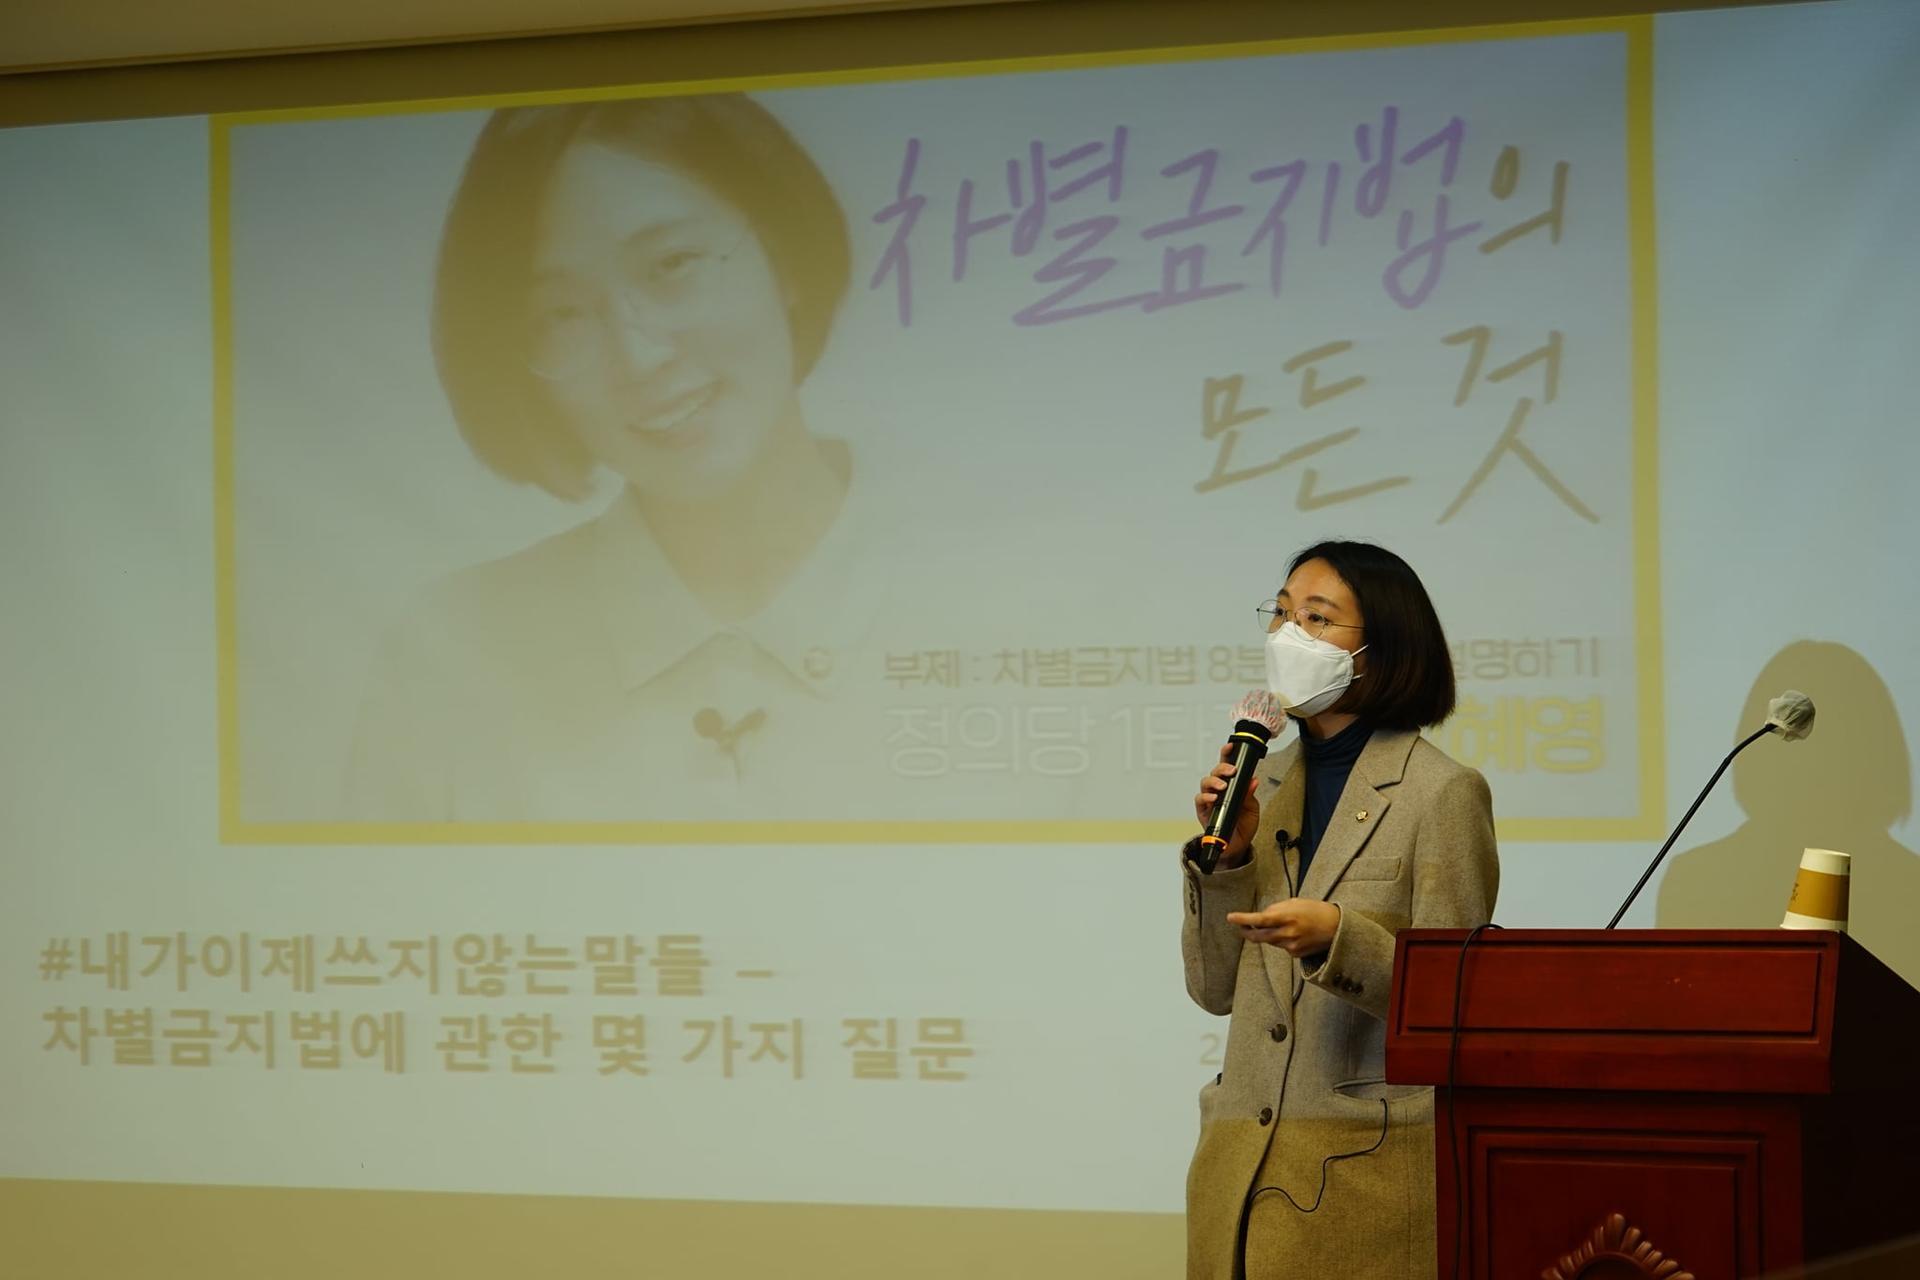 서울시당 신입당원 환영회에서 내가이제쓰지않는말들 - 차별금지법에 관한 몇가지 질문이라는 주제로 강연하고 있는 장혜영 의원 사진.